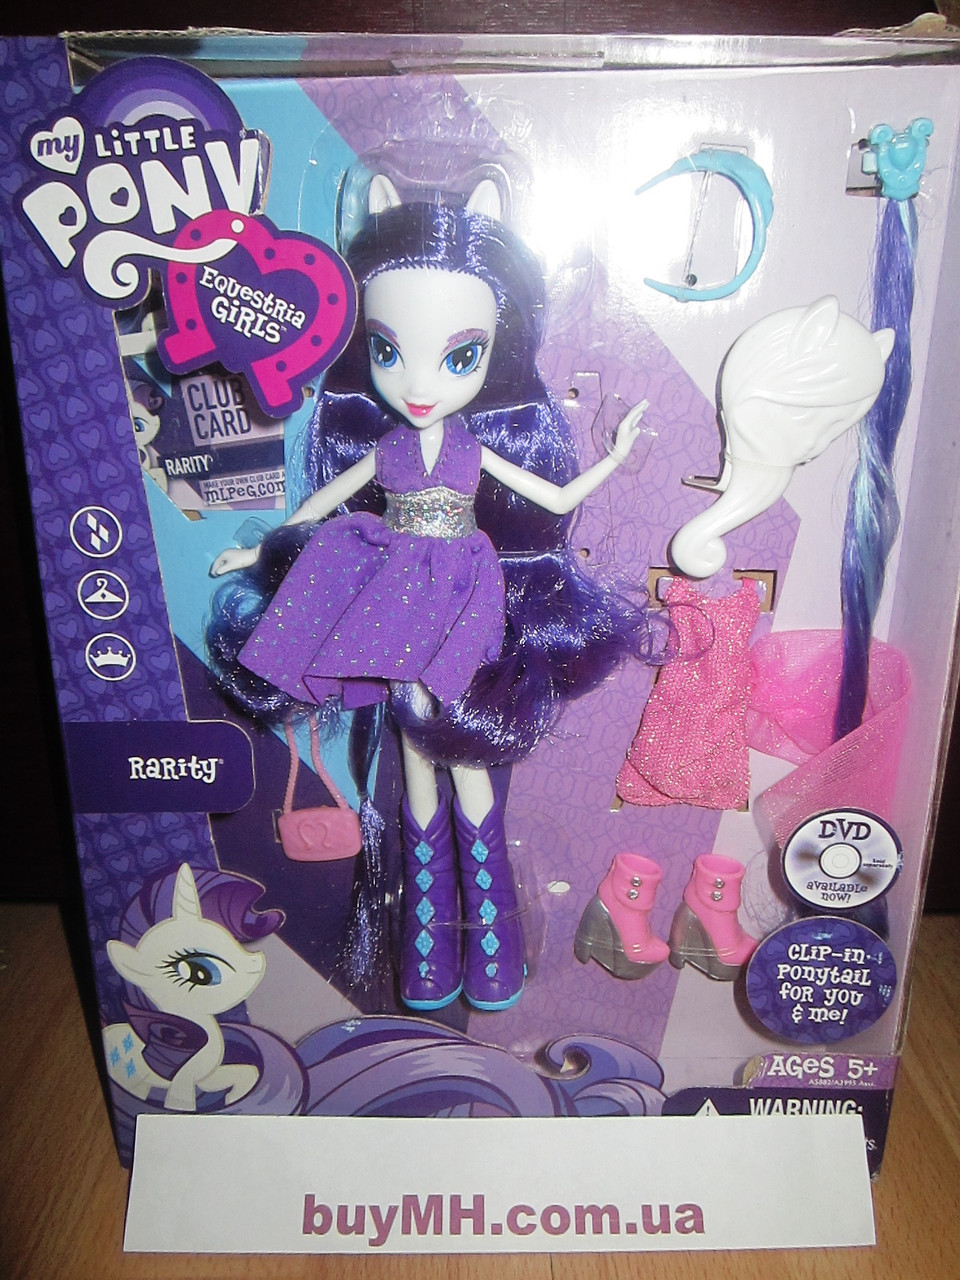 Кукла My Little Pony Equestria Girls Rarity Deluxe Девочки Эквестрии Рарити шарнирная делюкс, фото 1